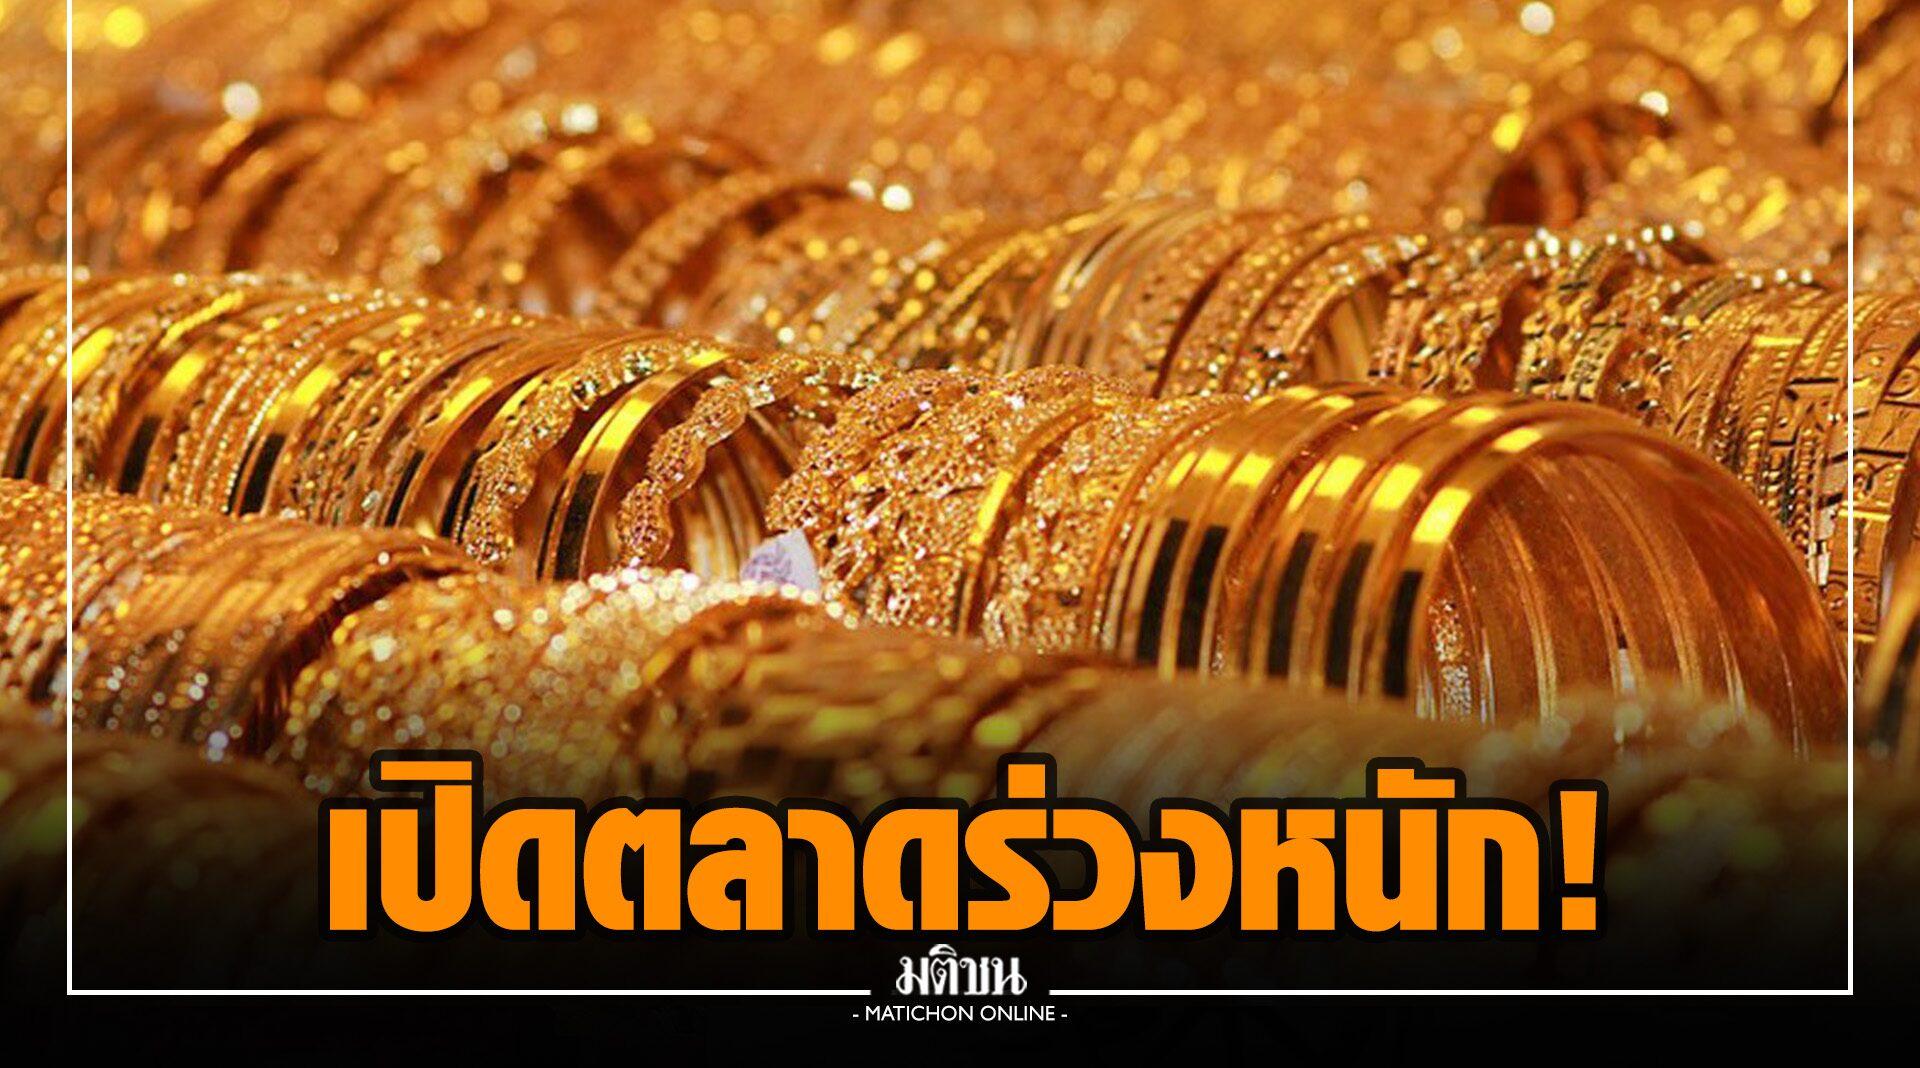 ราคาทองคำ เปิดตลาดร่วง 150 บาท รูปพรรณ ขายออกบาทละ 28,600